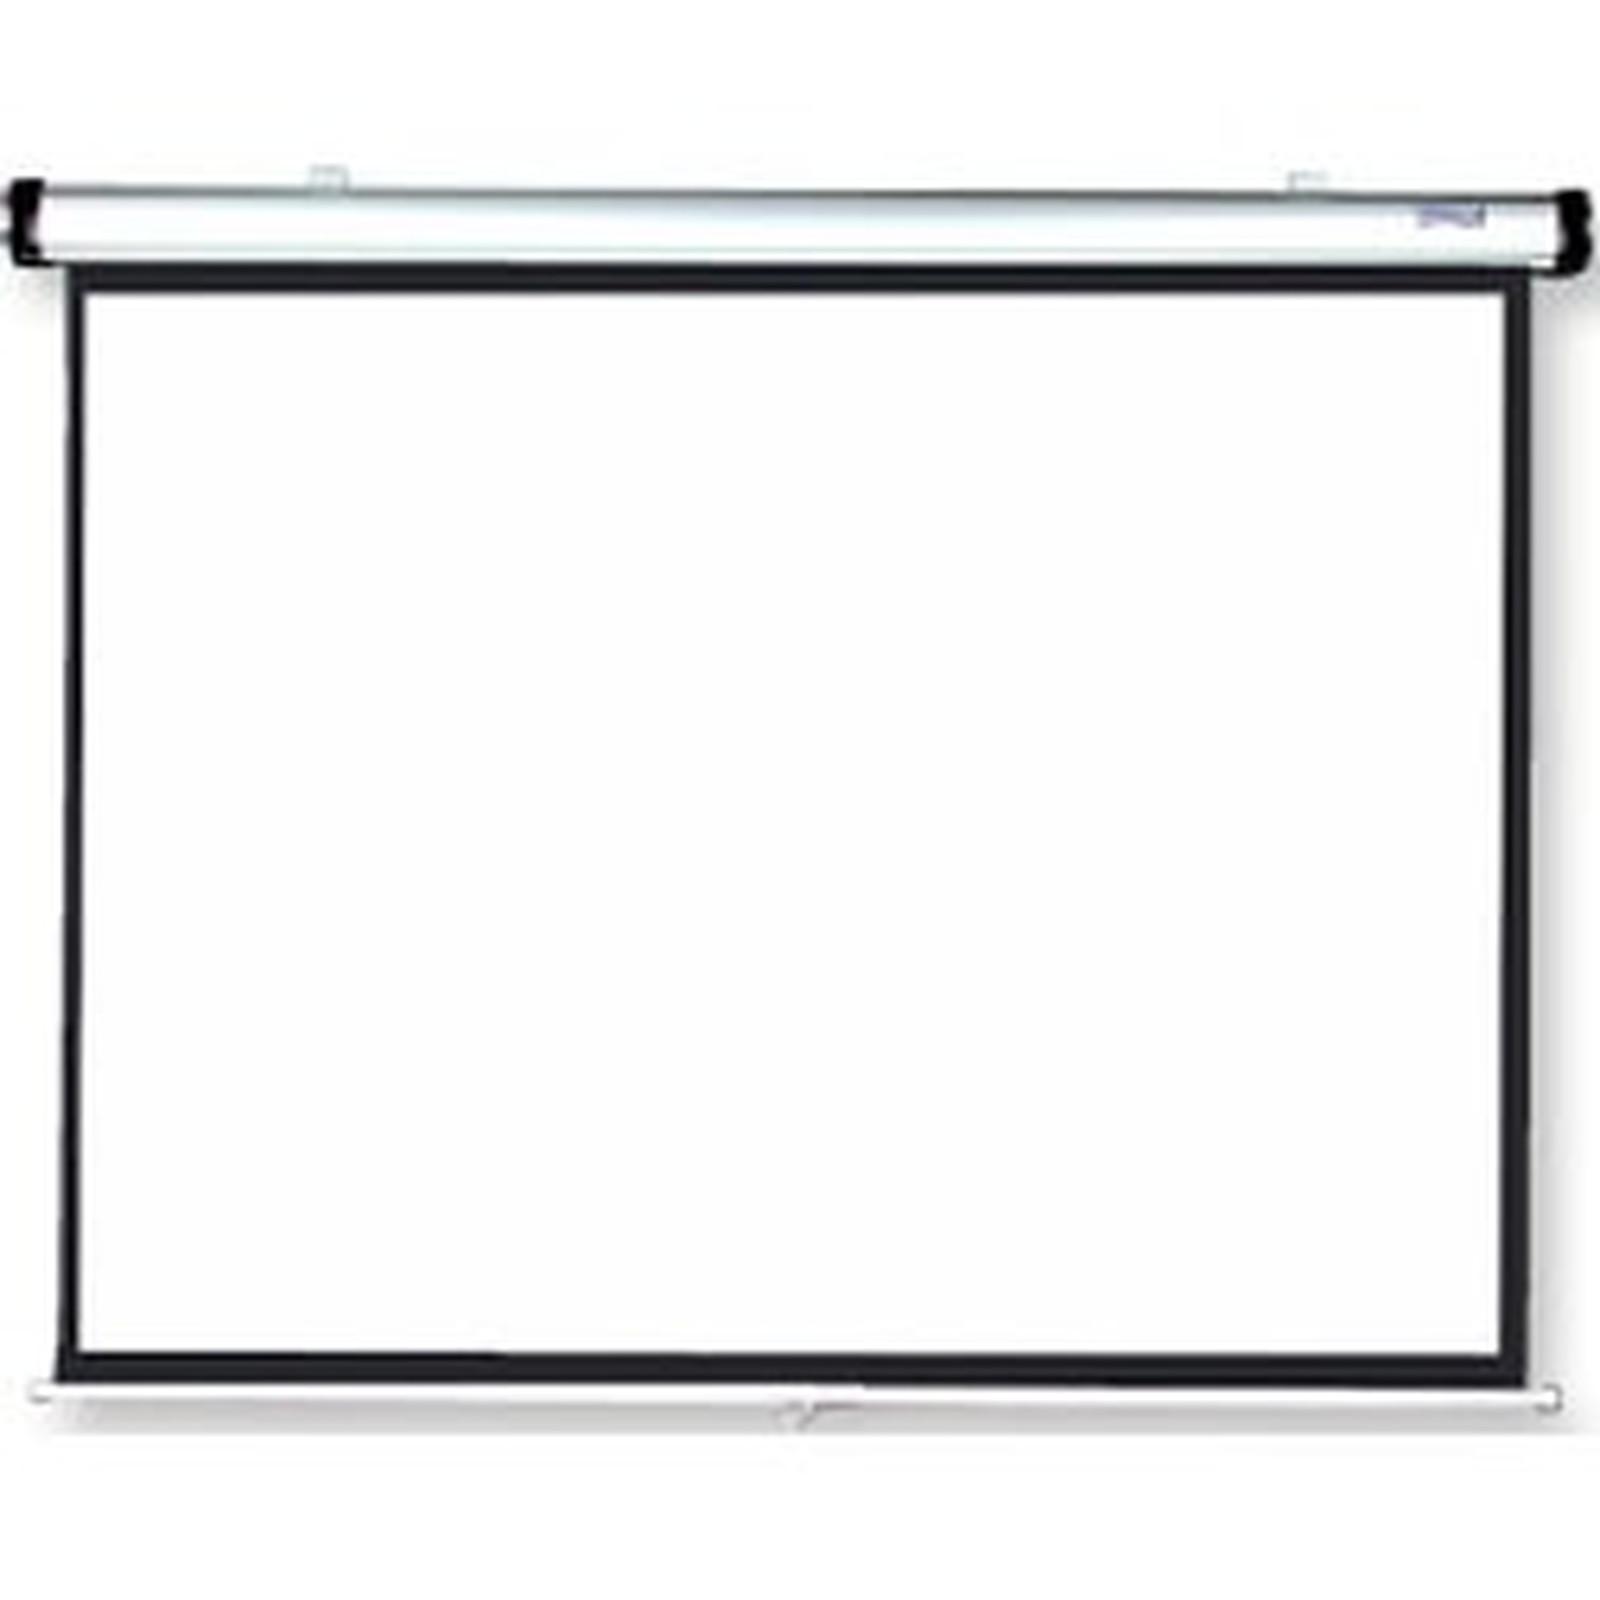 Procolor CARTER-SCREEN CSR - Ecran manuel - Format 4:3 - 238x180 cm